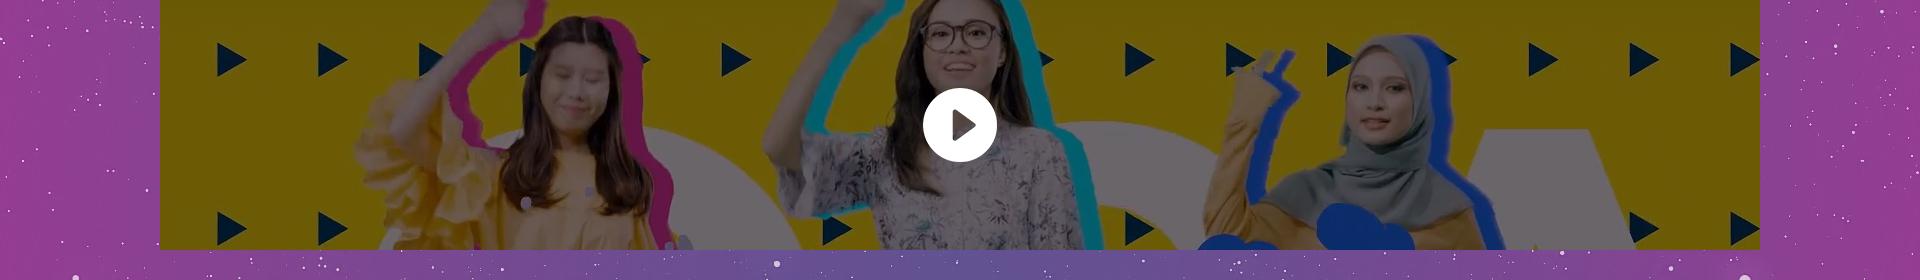 612 Video